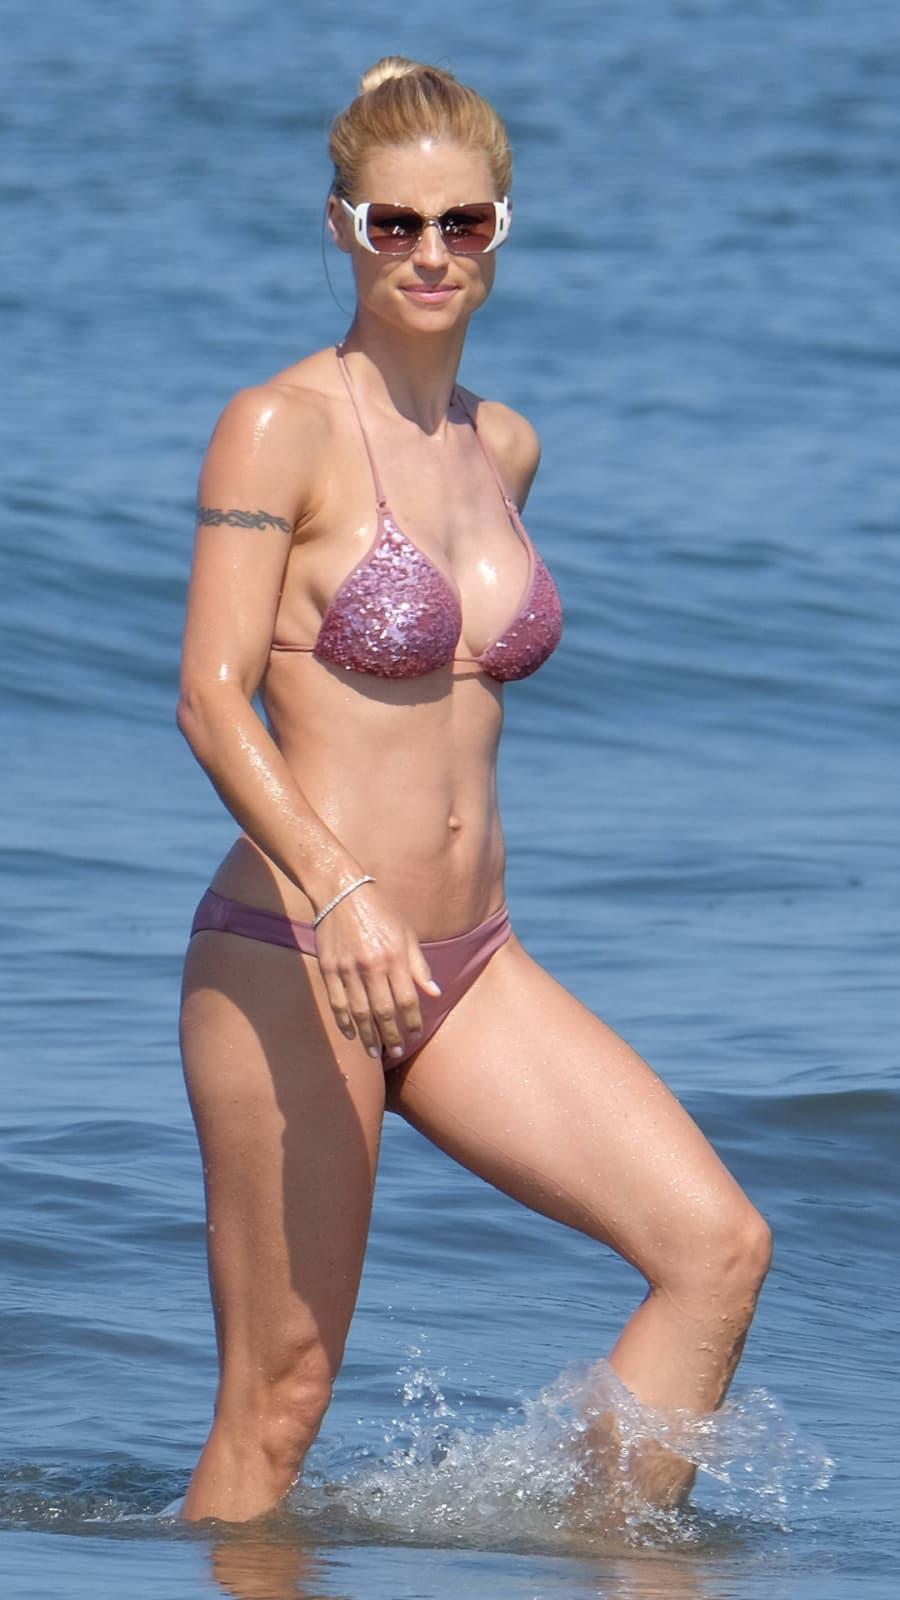 Senna gammour bikini